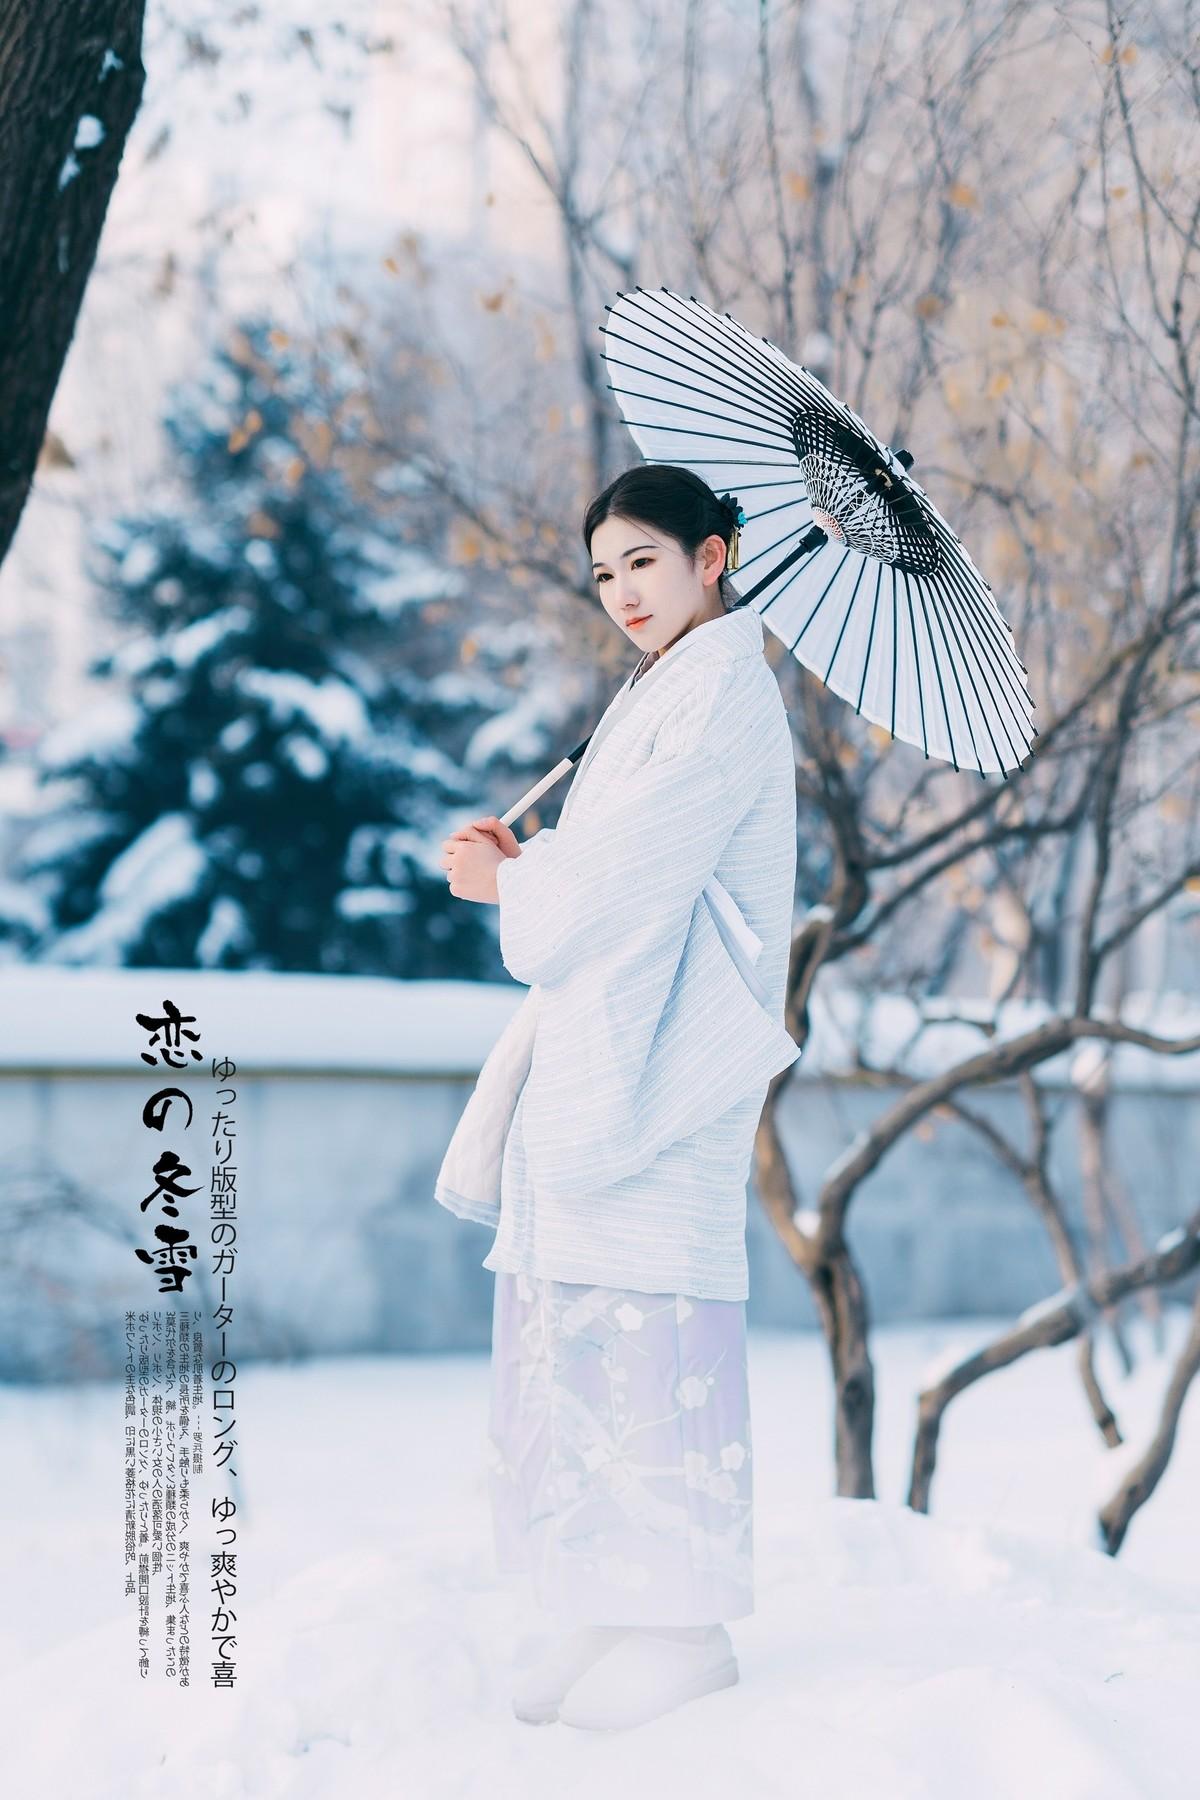 【罗兵】恋之冬雪